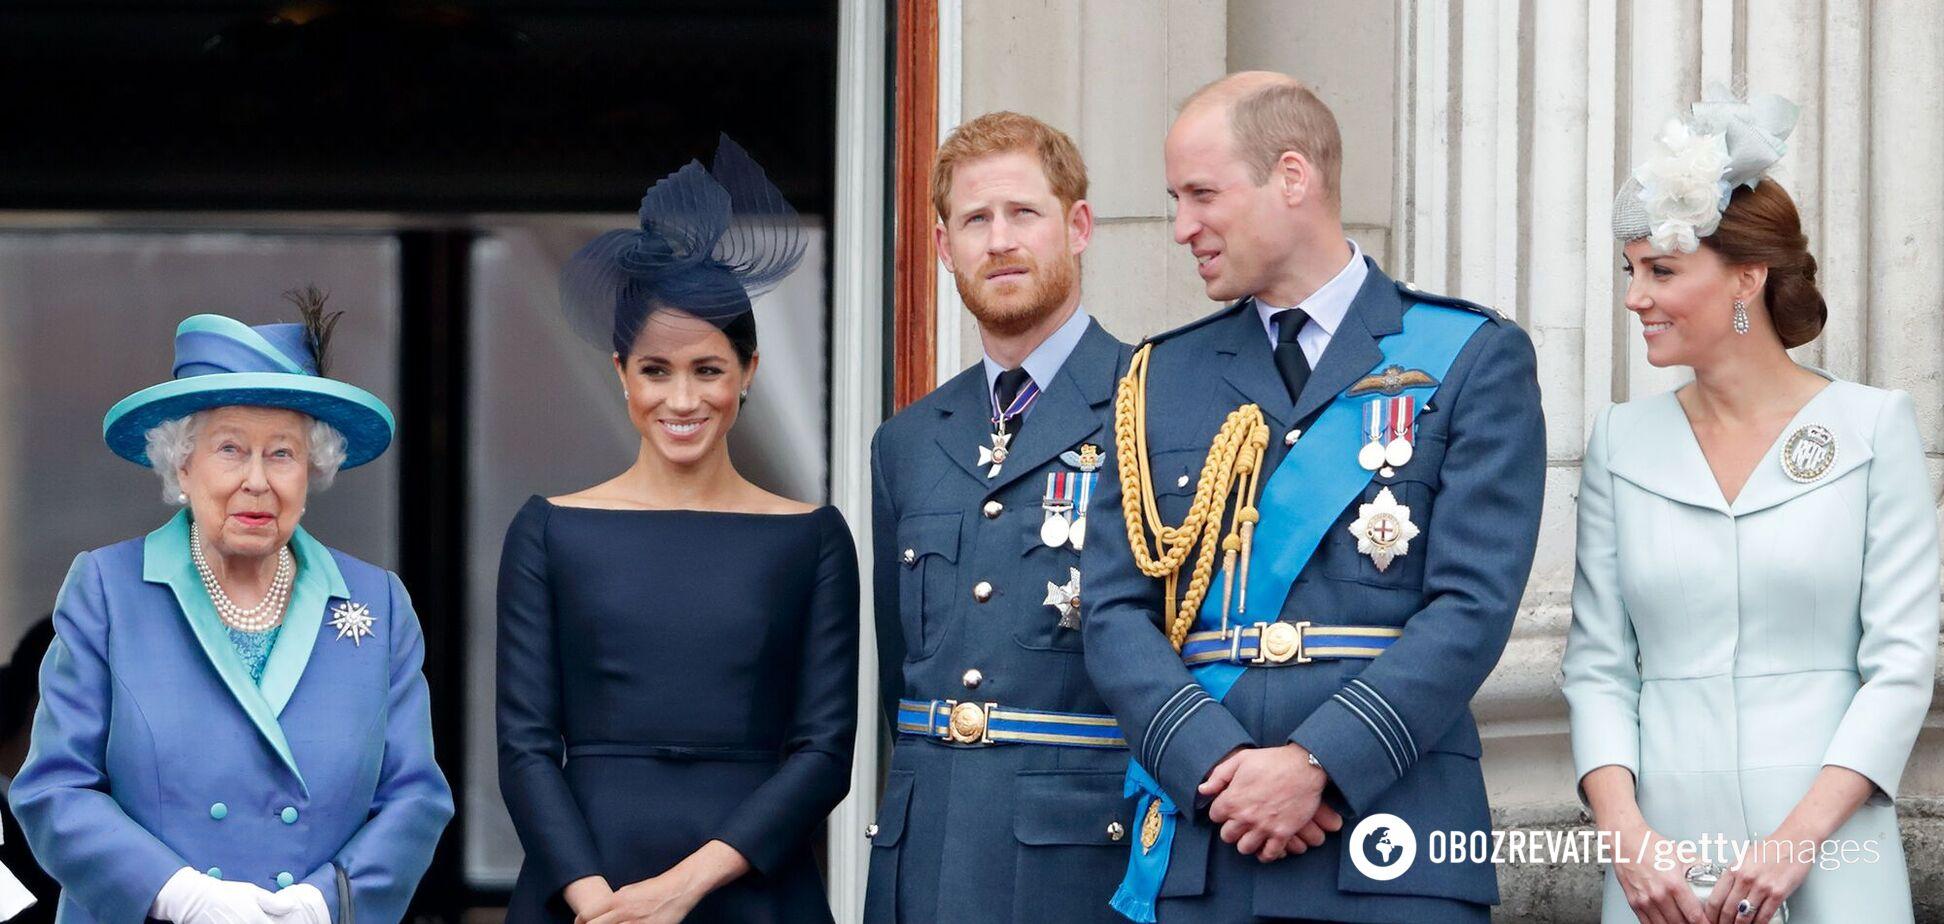 Елизавета II, Меган Маркл, принц Гарри, принц Уильям и Кейт Миддлтон